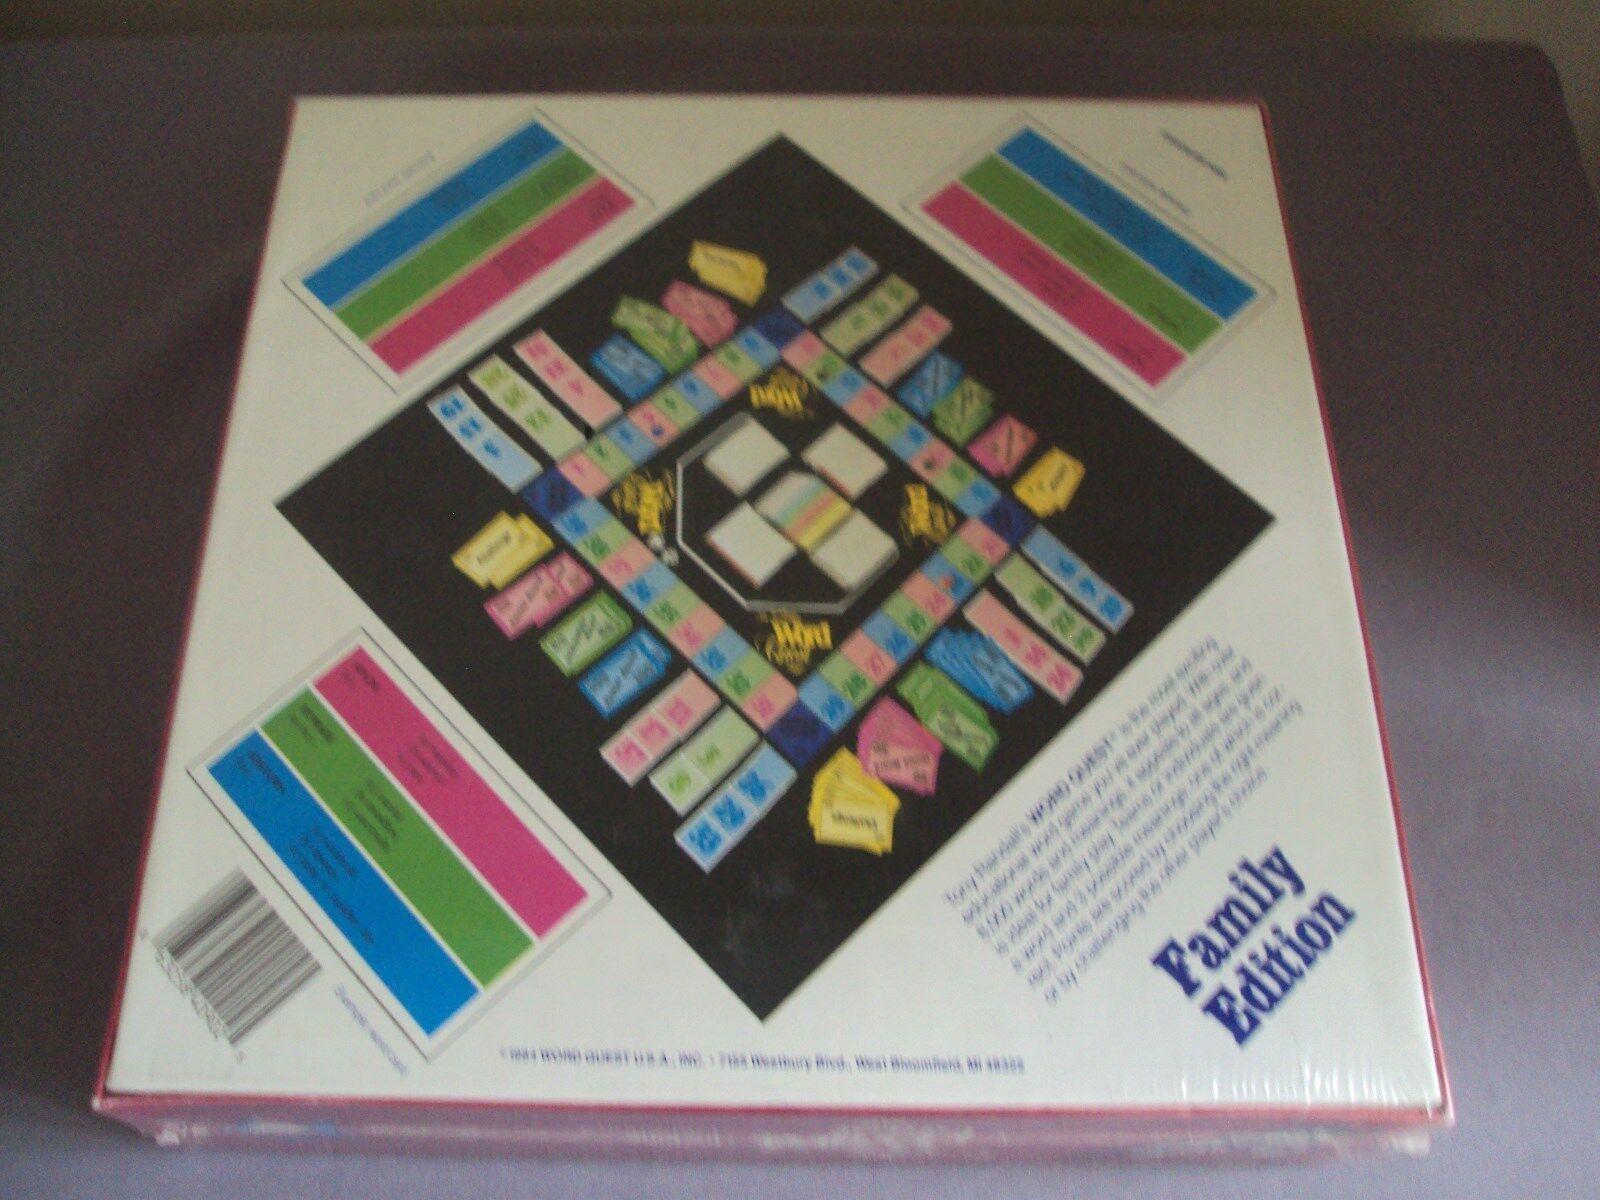 NIB Word Quest Board Game Tony Randall 1984 Sealed